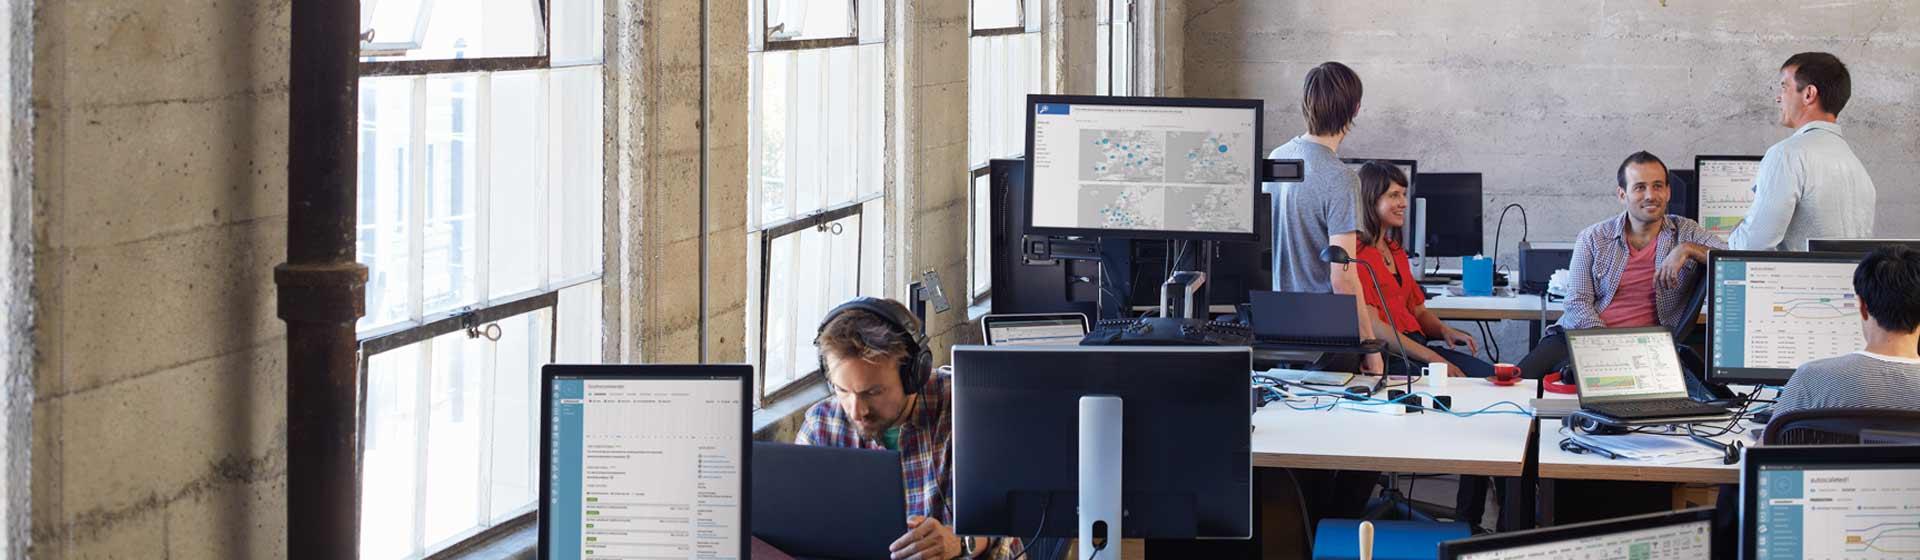 Slika zaposlenika koji sjede za radnim stolovima i stoje oko njih u uredu punom računala sa sustavom Office 365